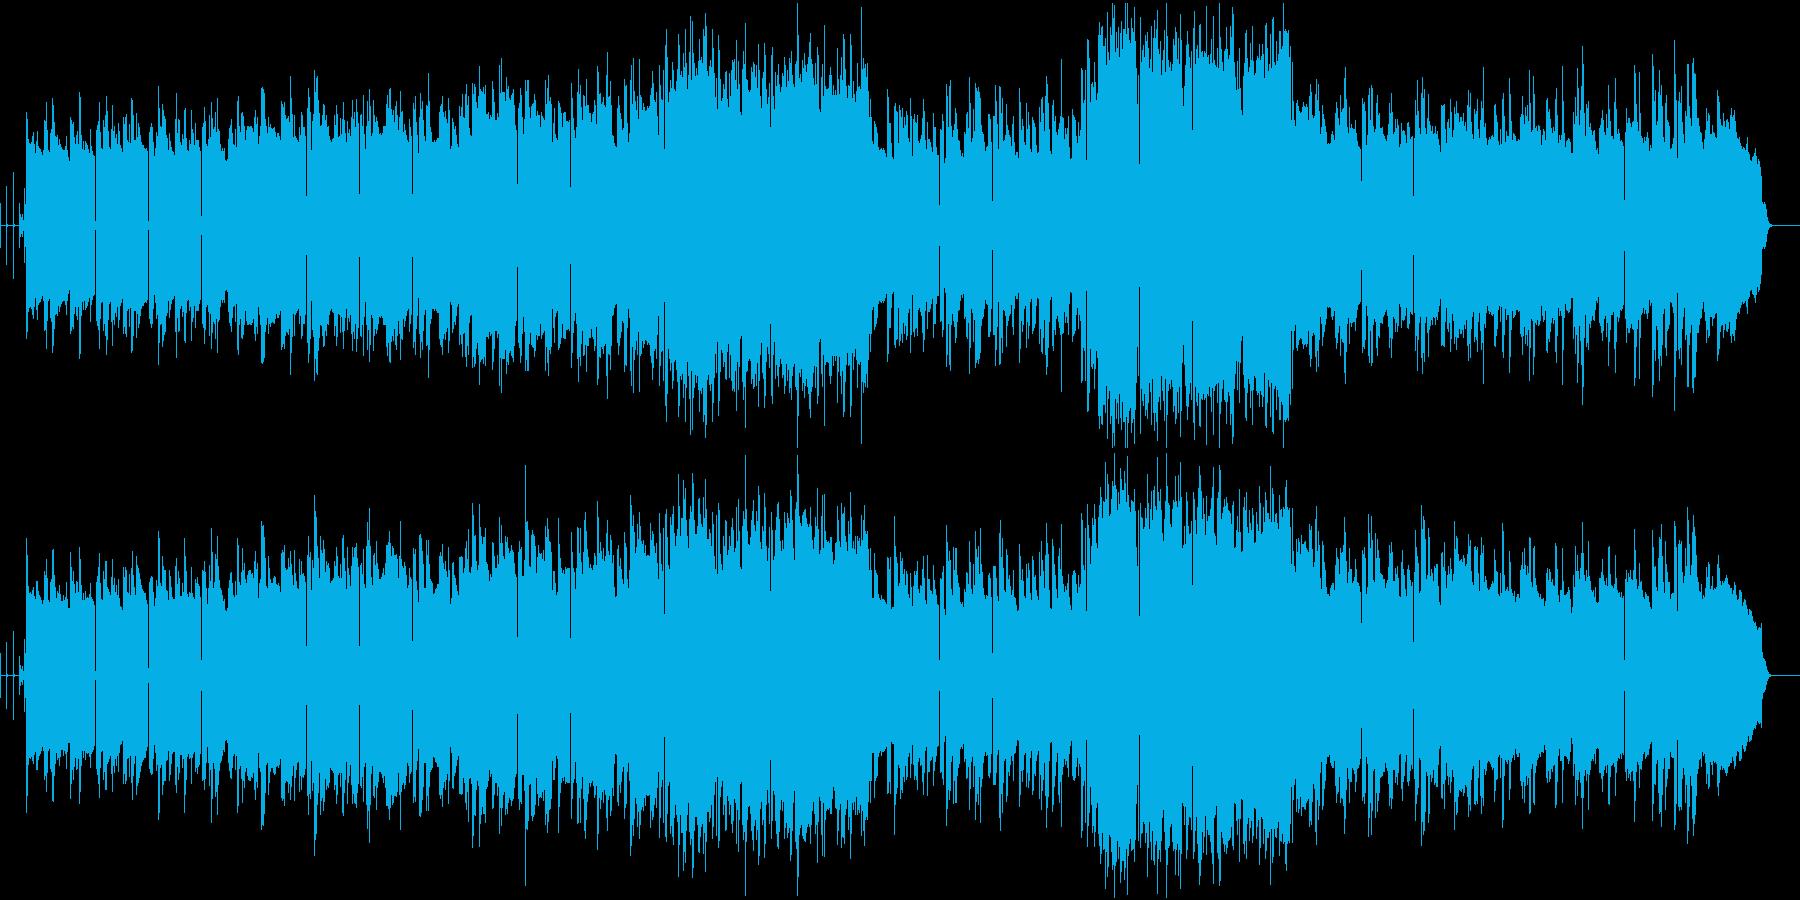 フルートとサックスが奏でる優しいバラードの再生済みの波形